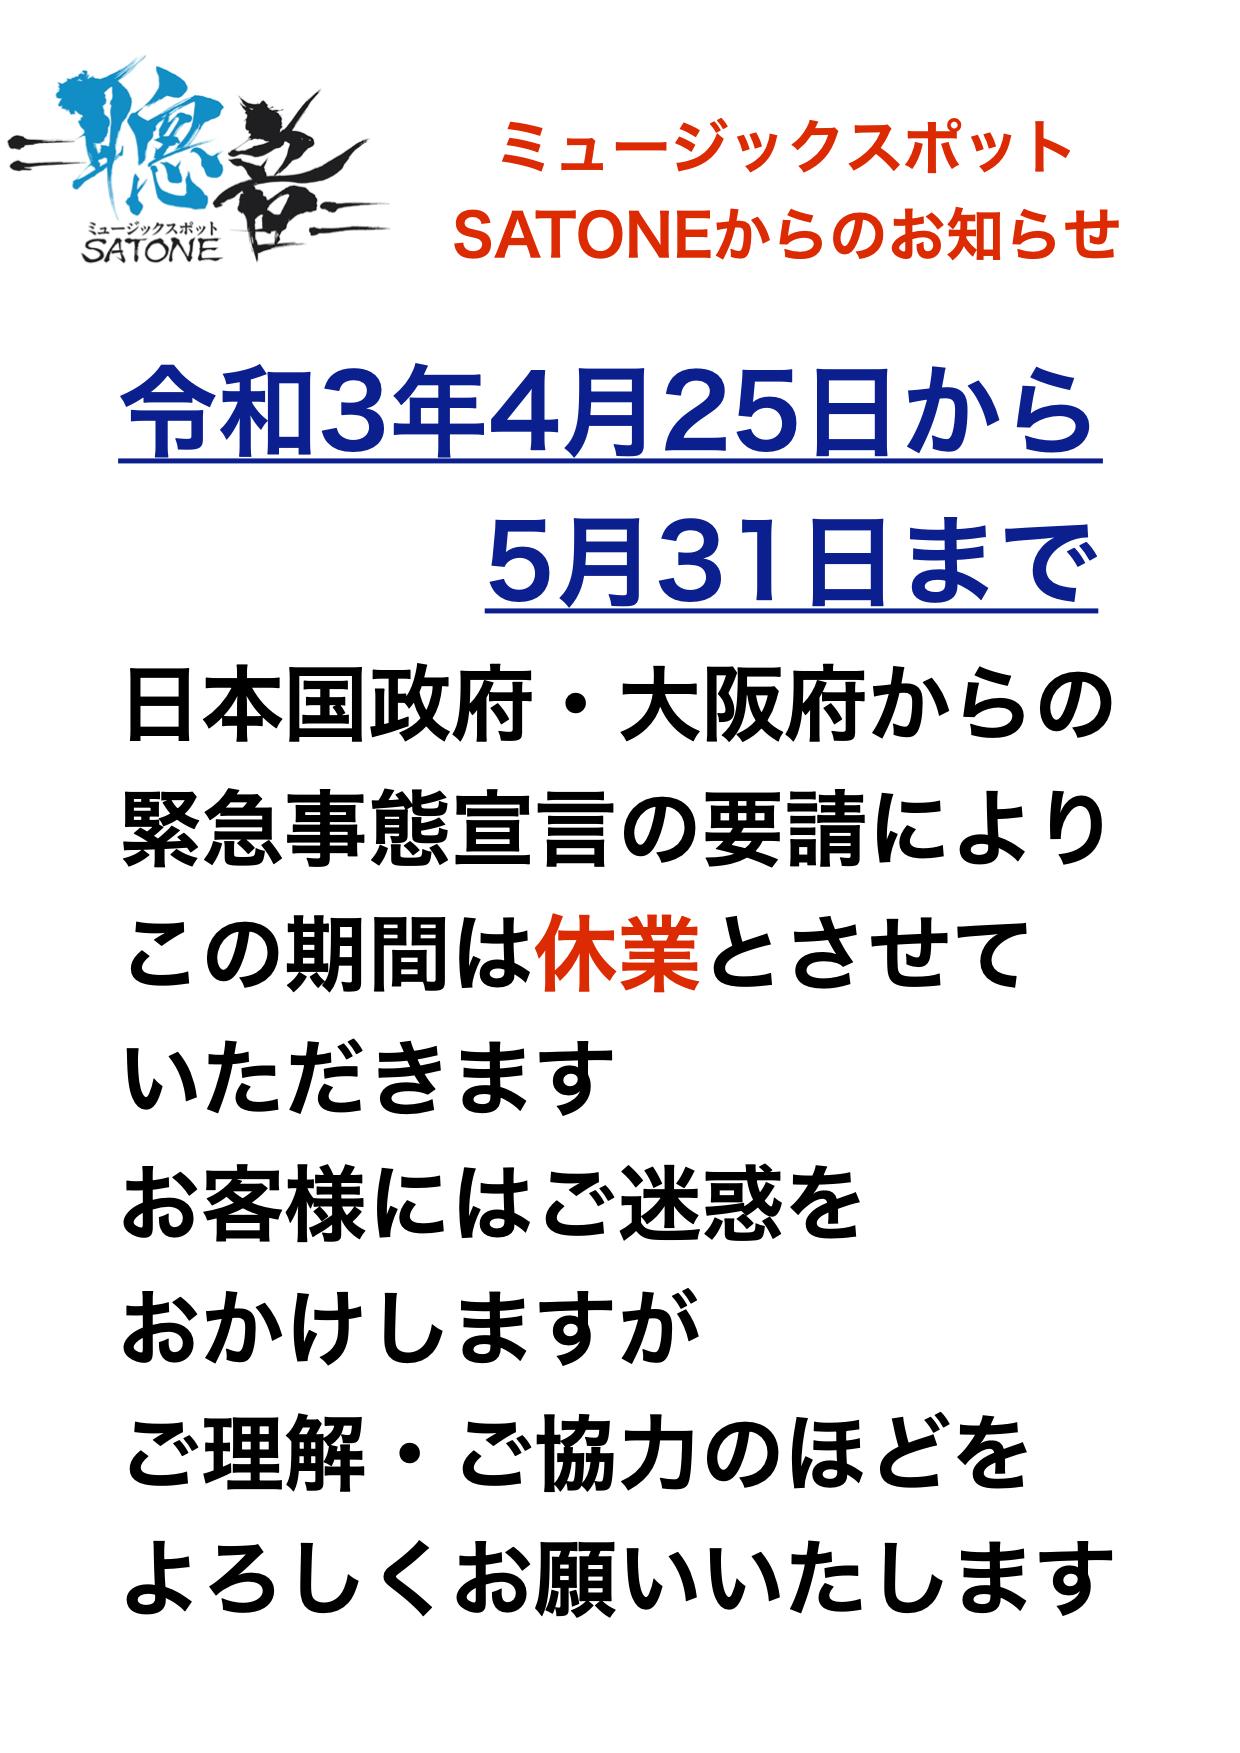 令和3年5月31日まで日本国政府・大阪府より新型コロナ感染症『緊急事態宣言』発令延長の要請に従い、この期間のライブ営業を休業いたします